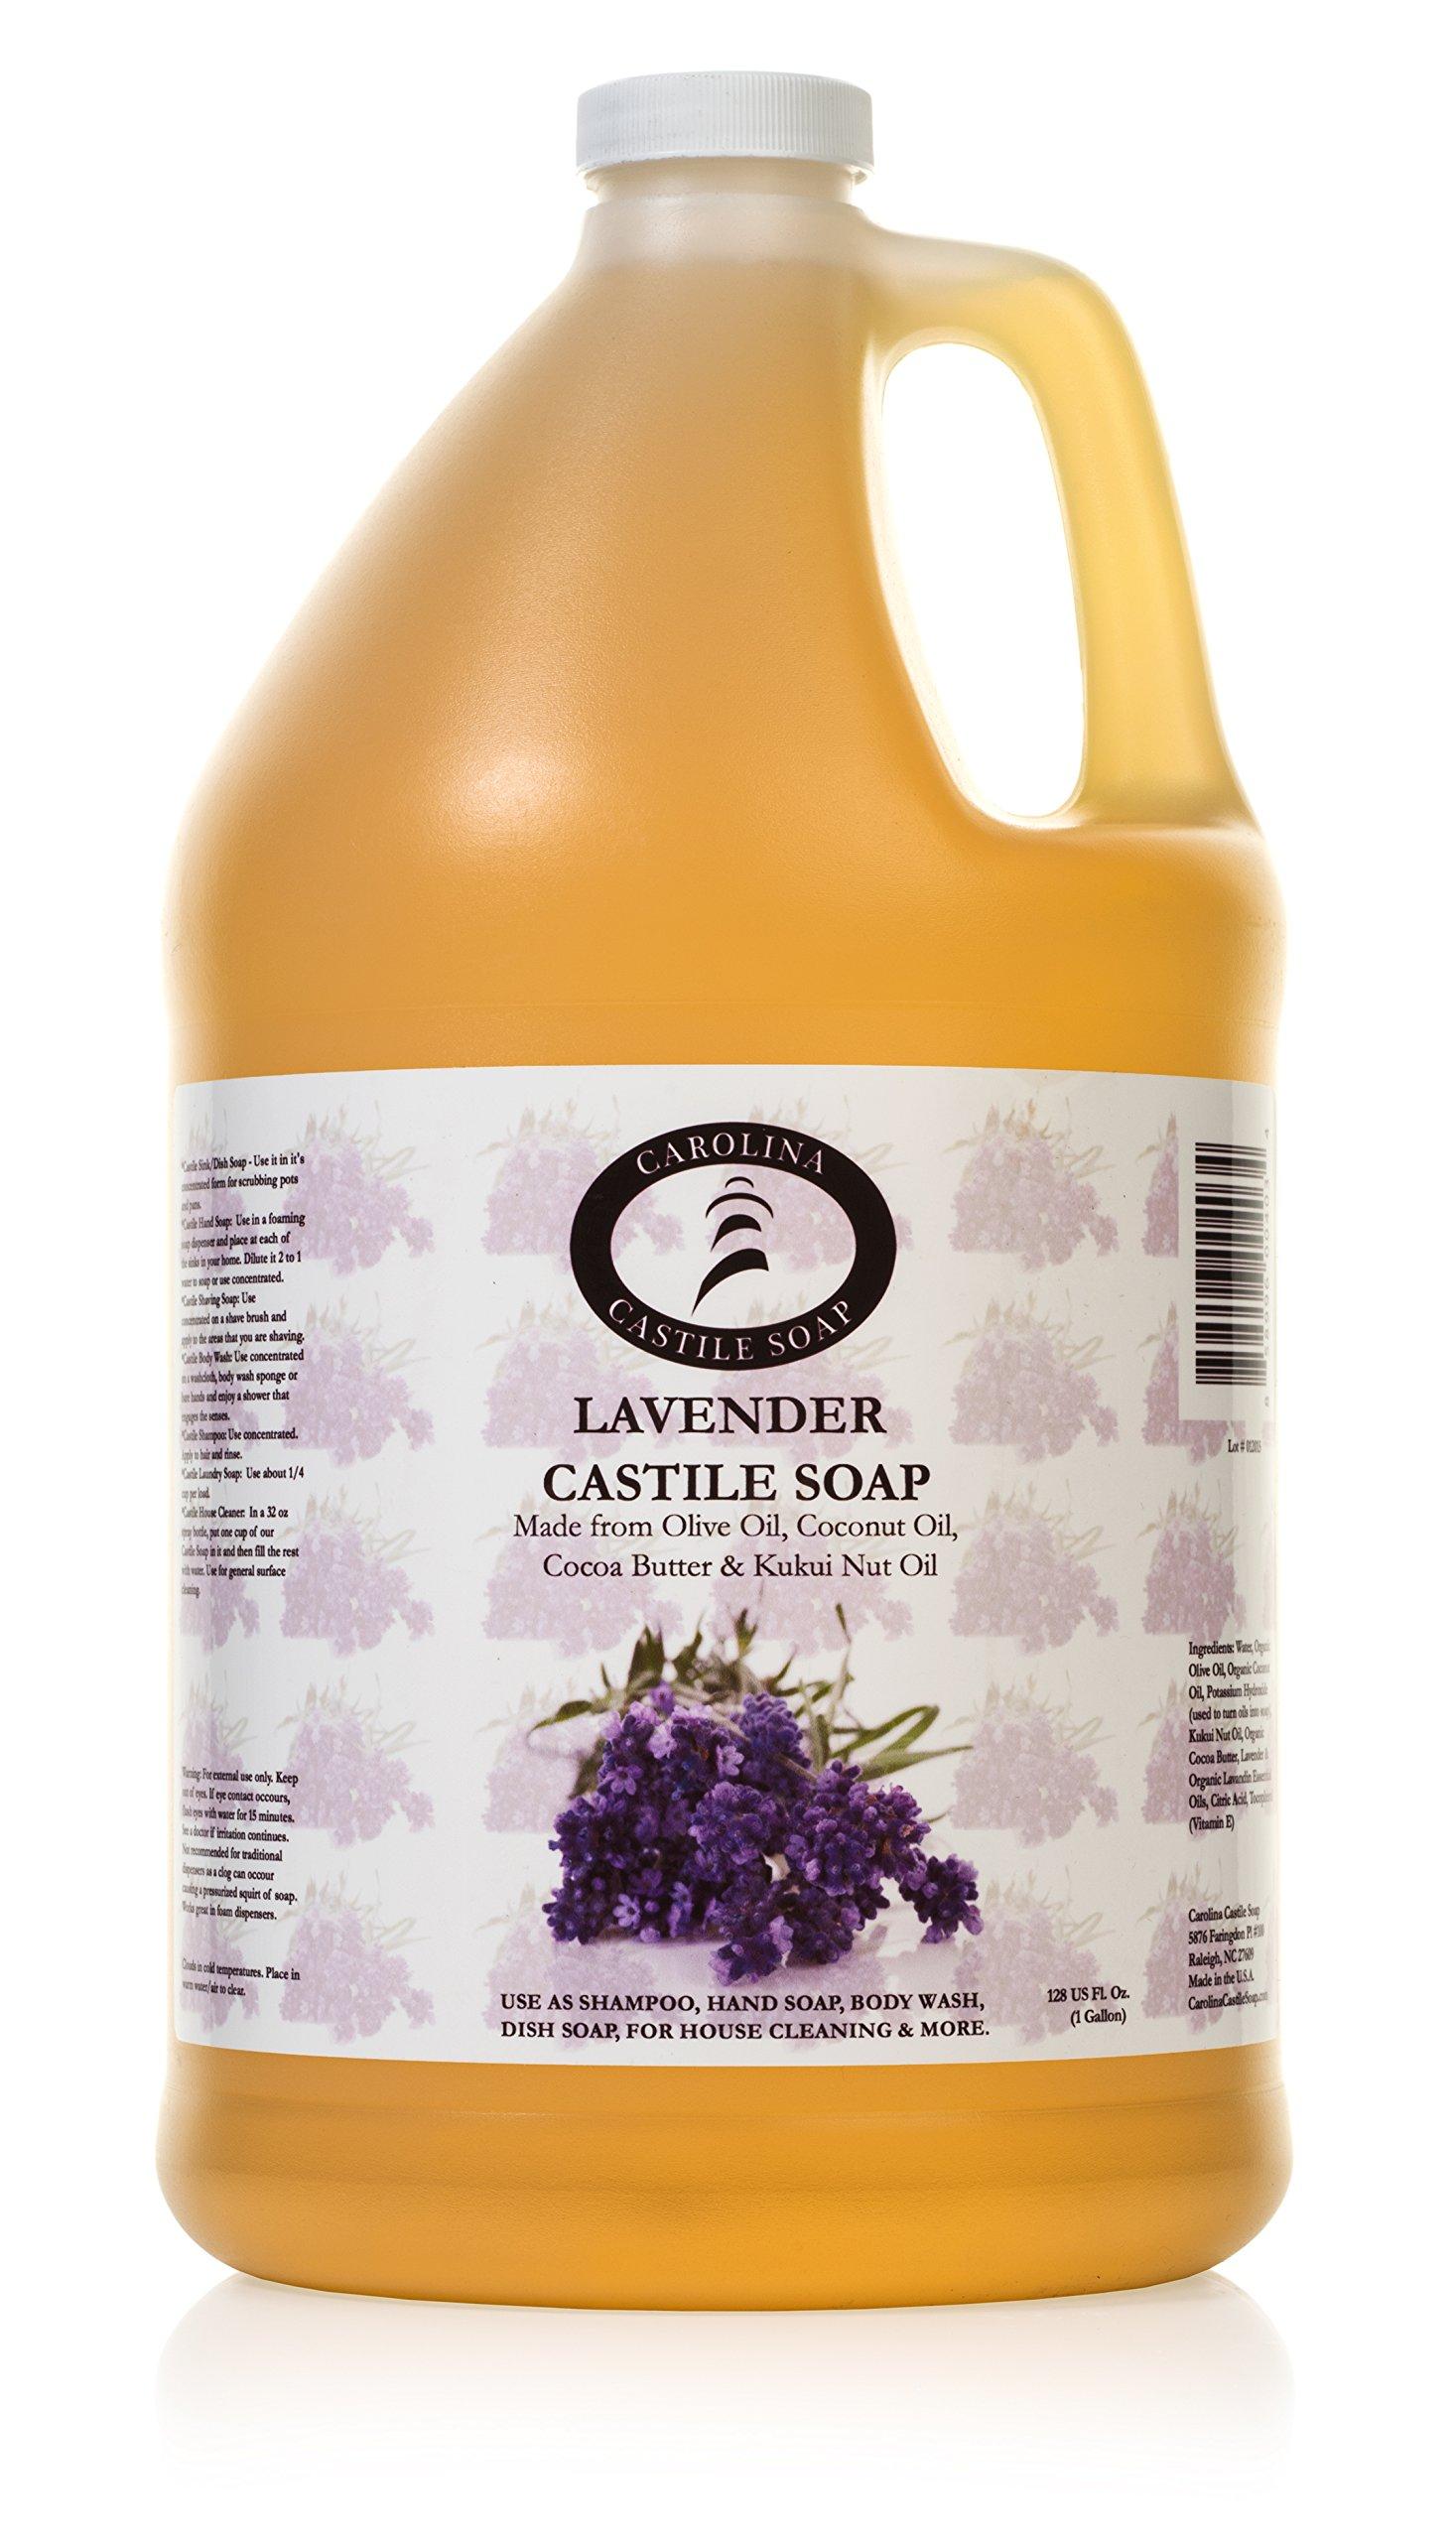 Lavender Castile Soap Liquid - 1 Gallon - Organic Lavender Liquid Soap Refill - Pure Castile Liquid Soap - Carolina Castile Soap